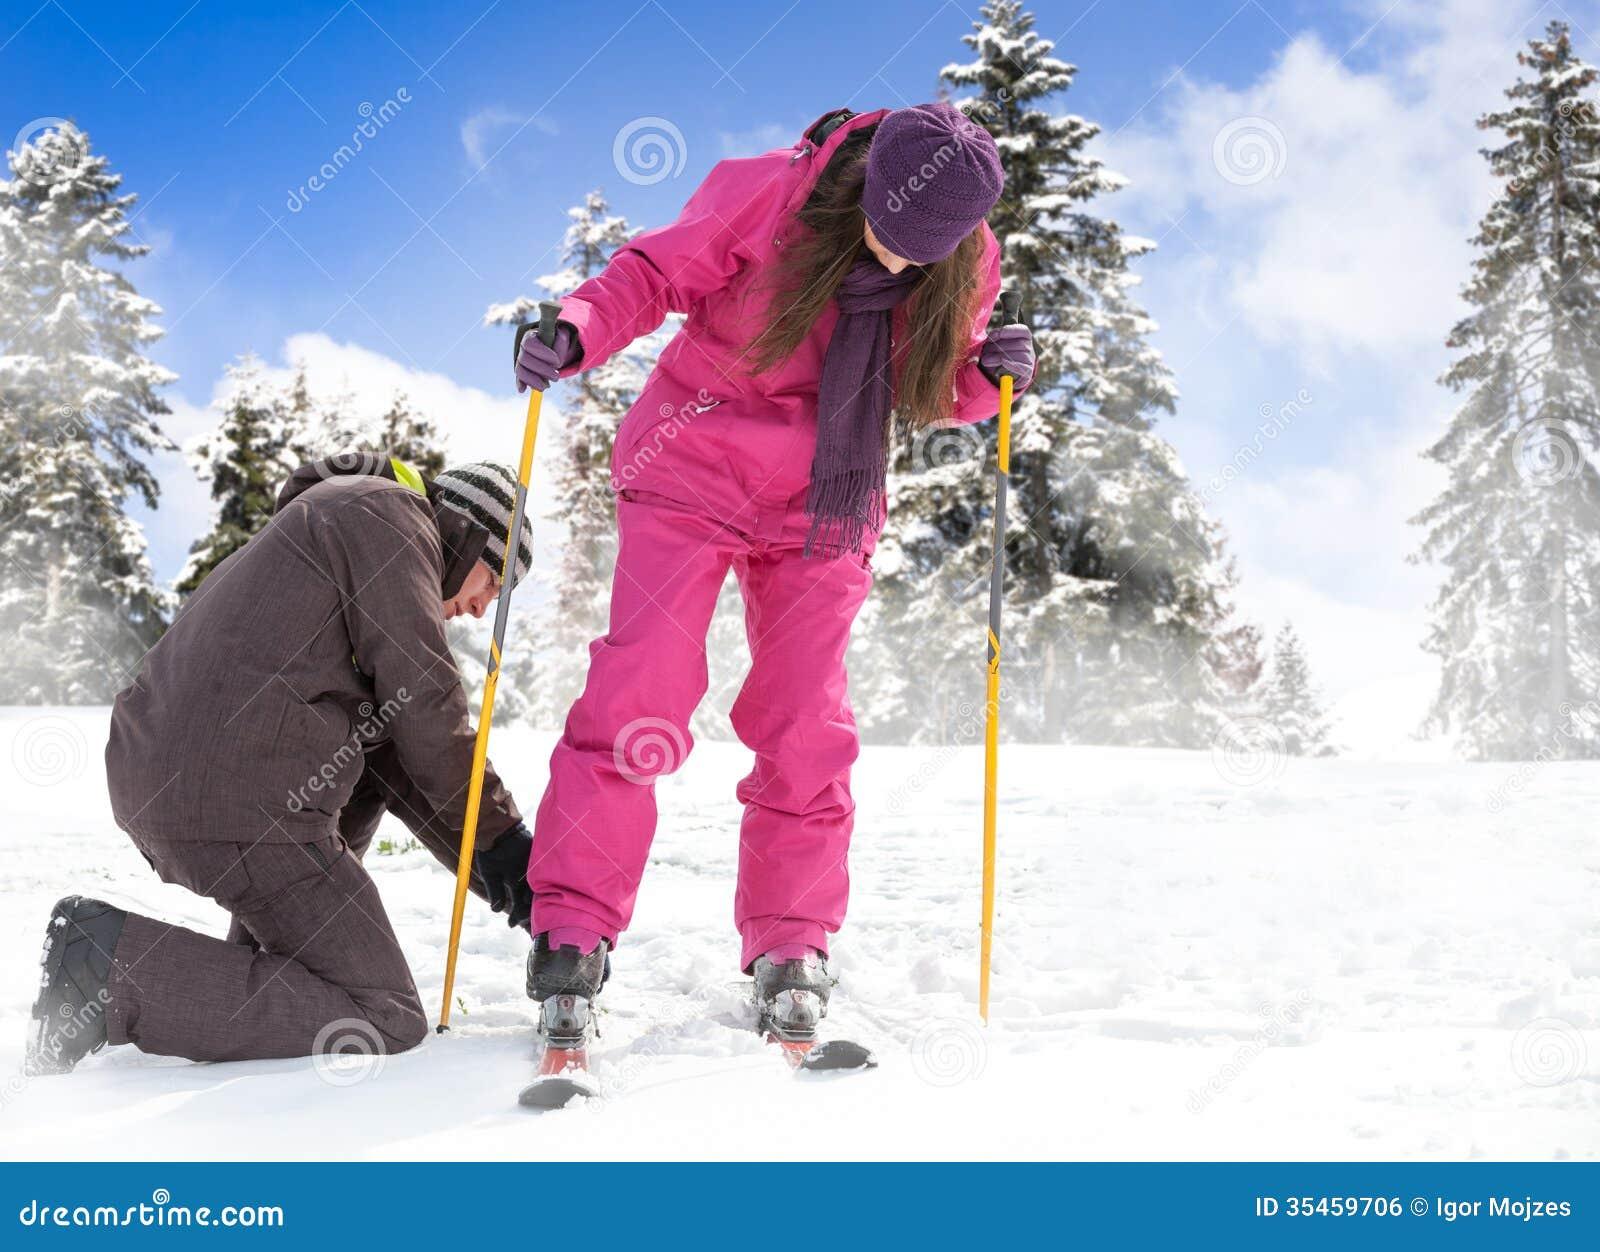 梦见和女朋友滑雪